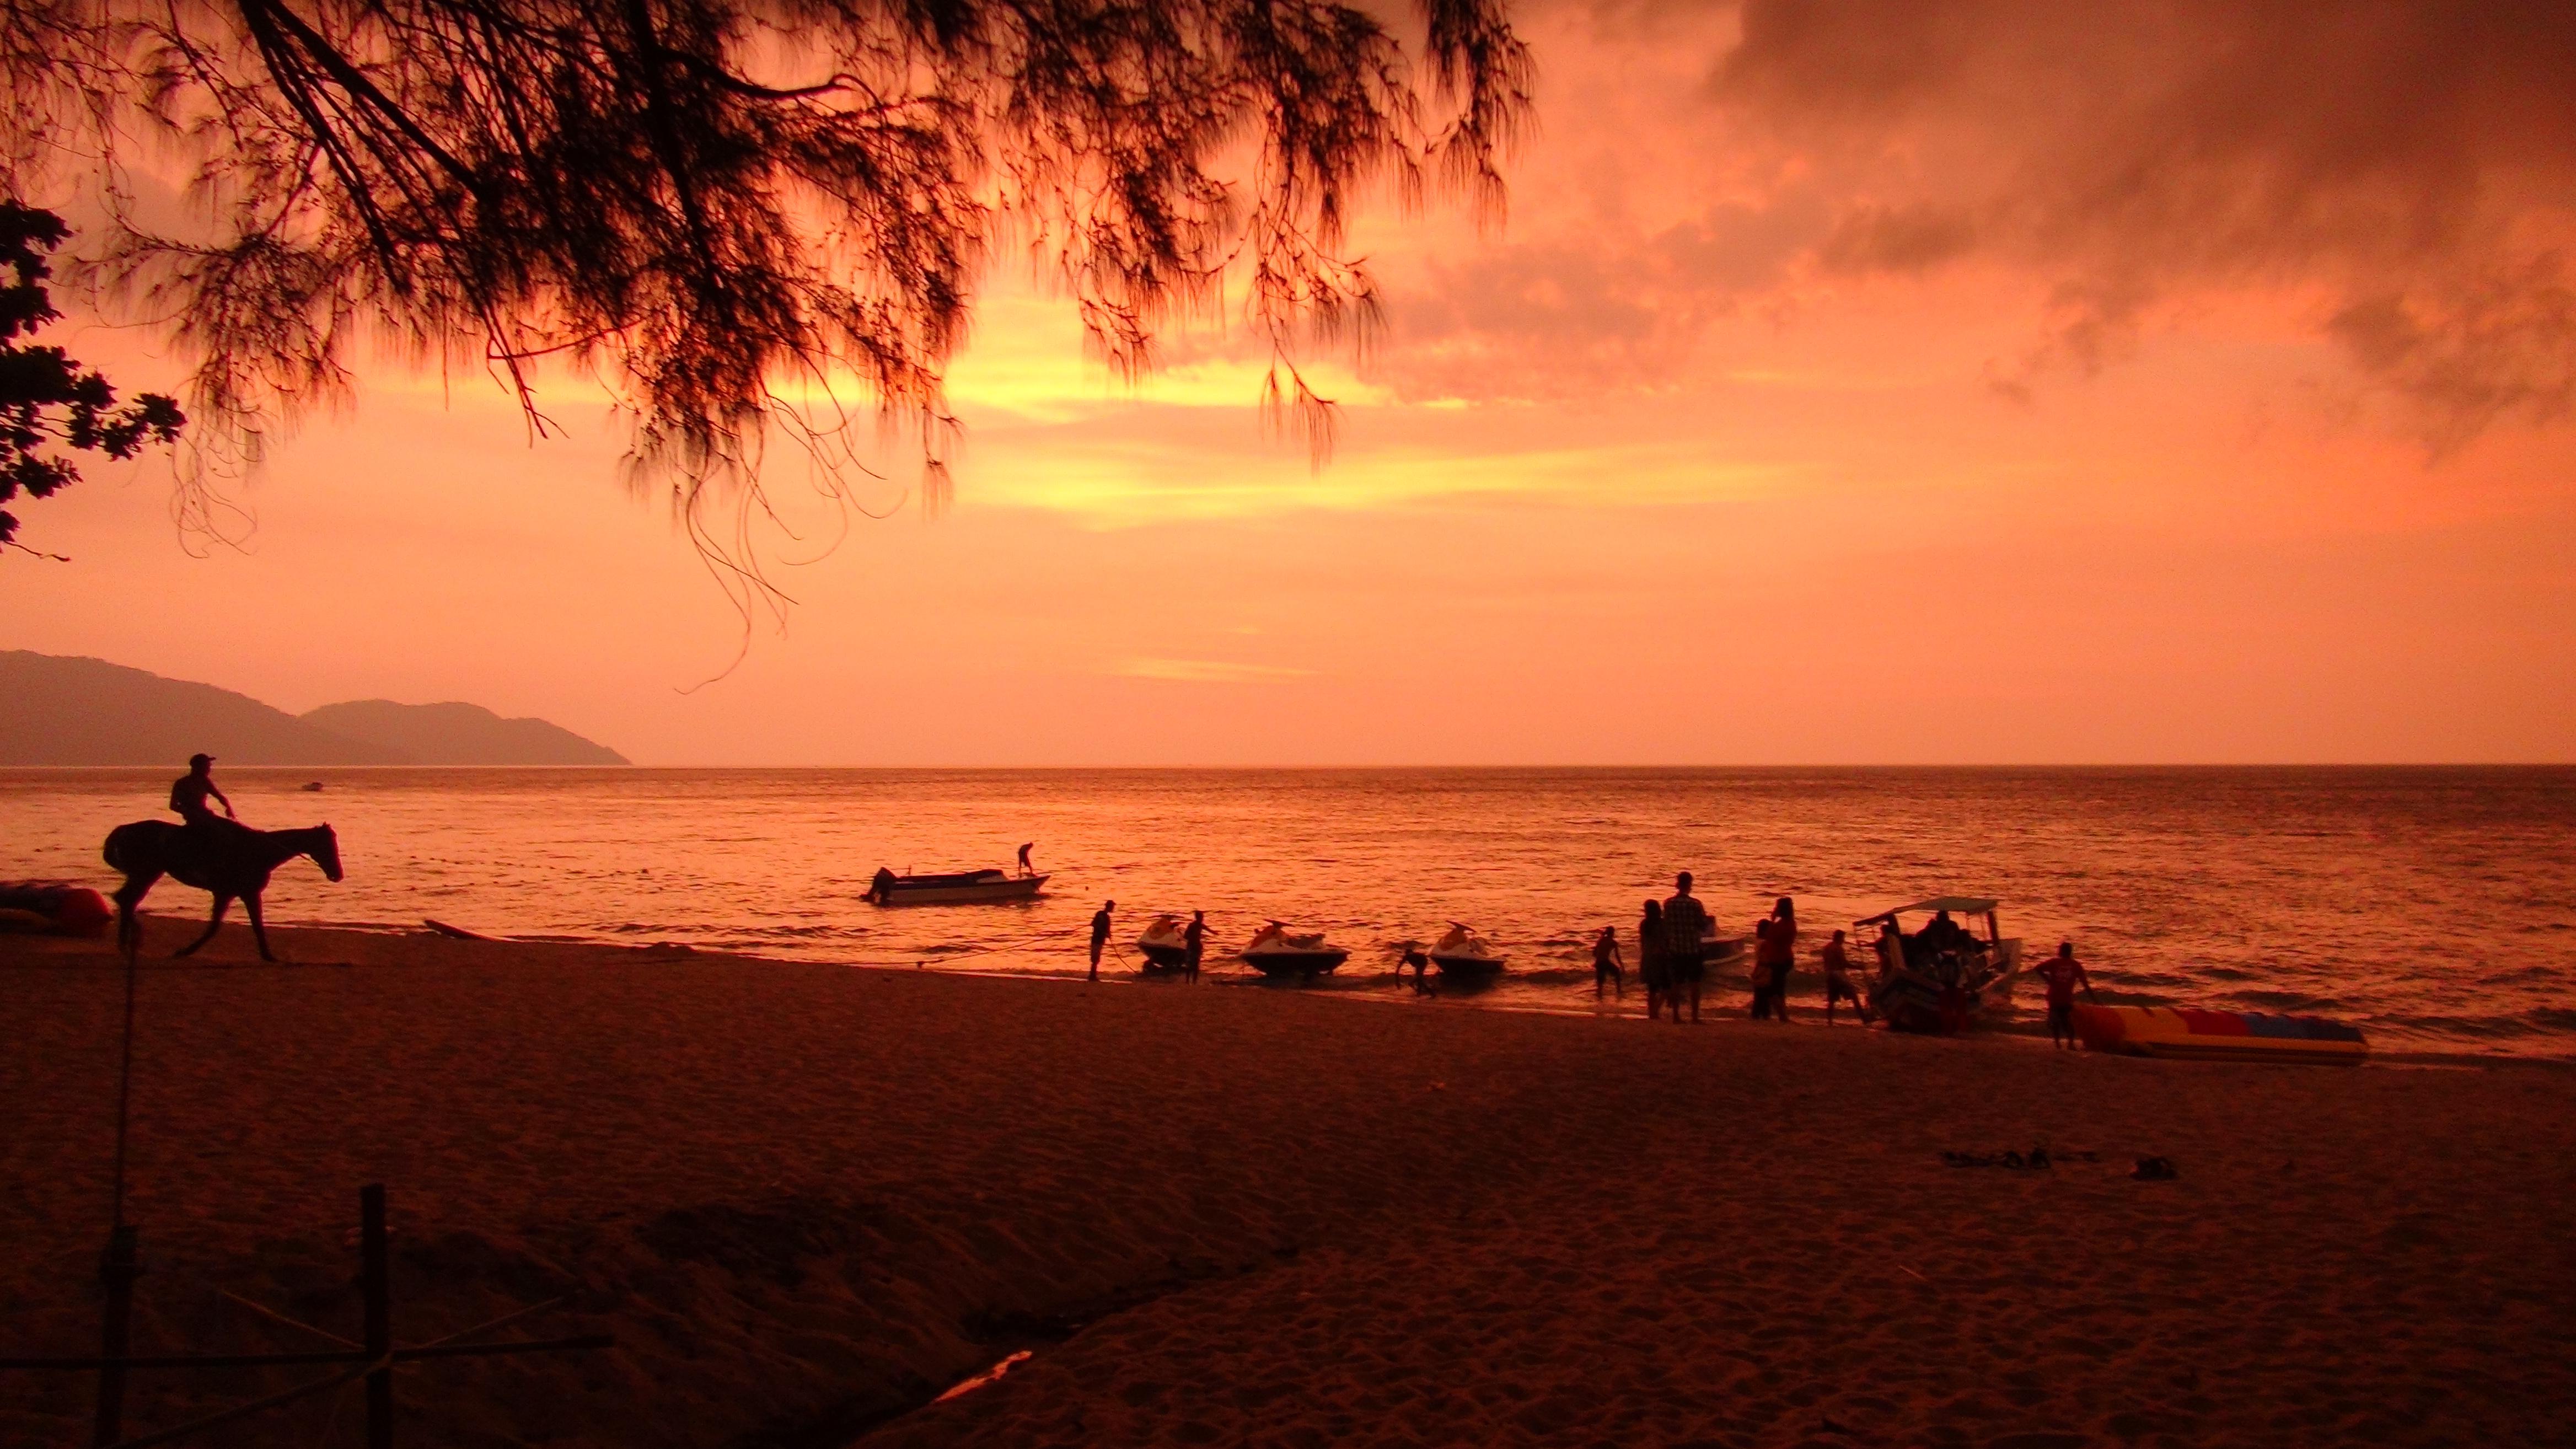 マレーシア・ペナン島の夕日